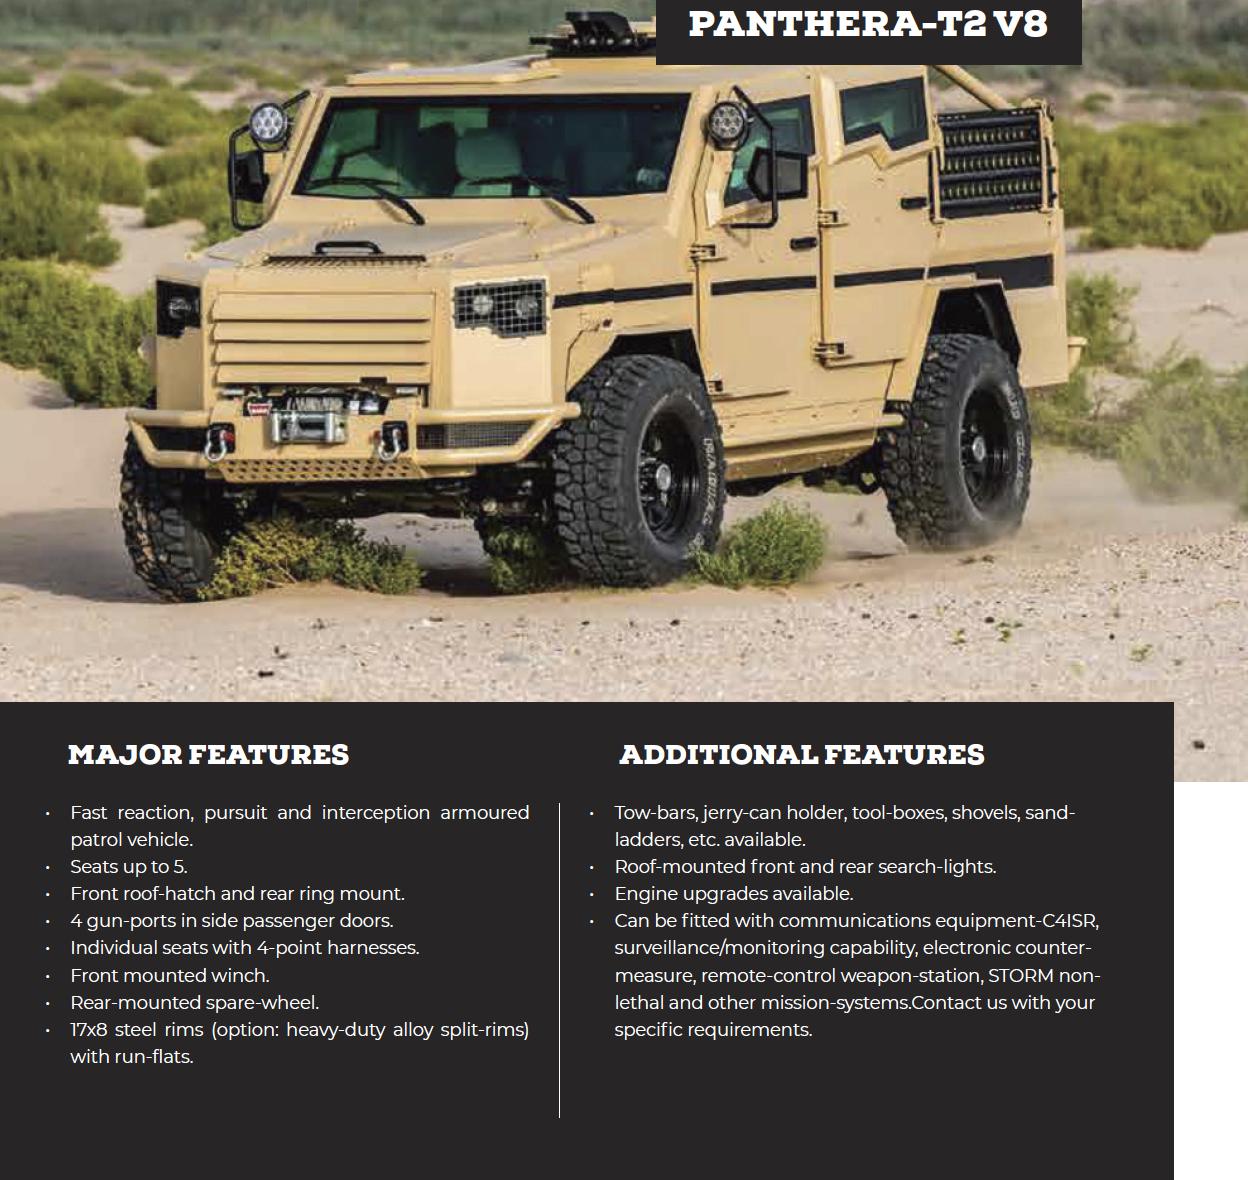 Panthera-T2 V8